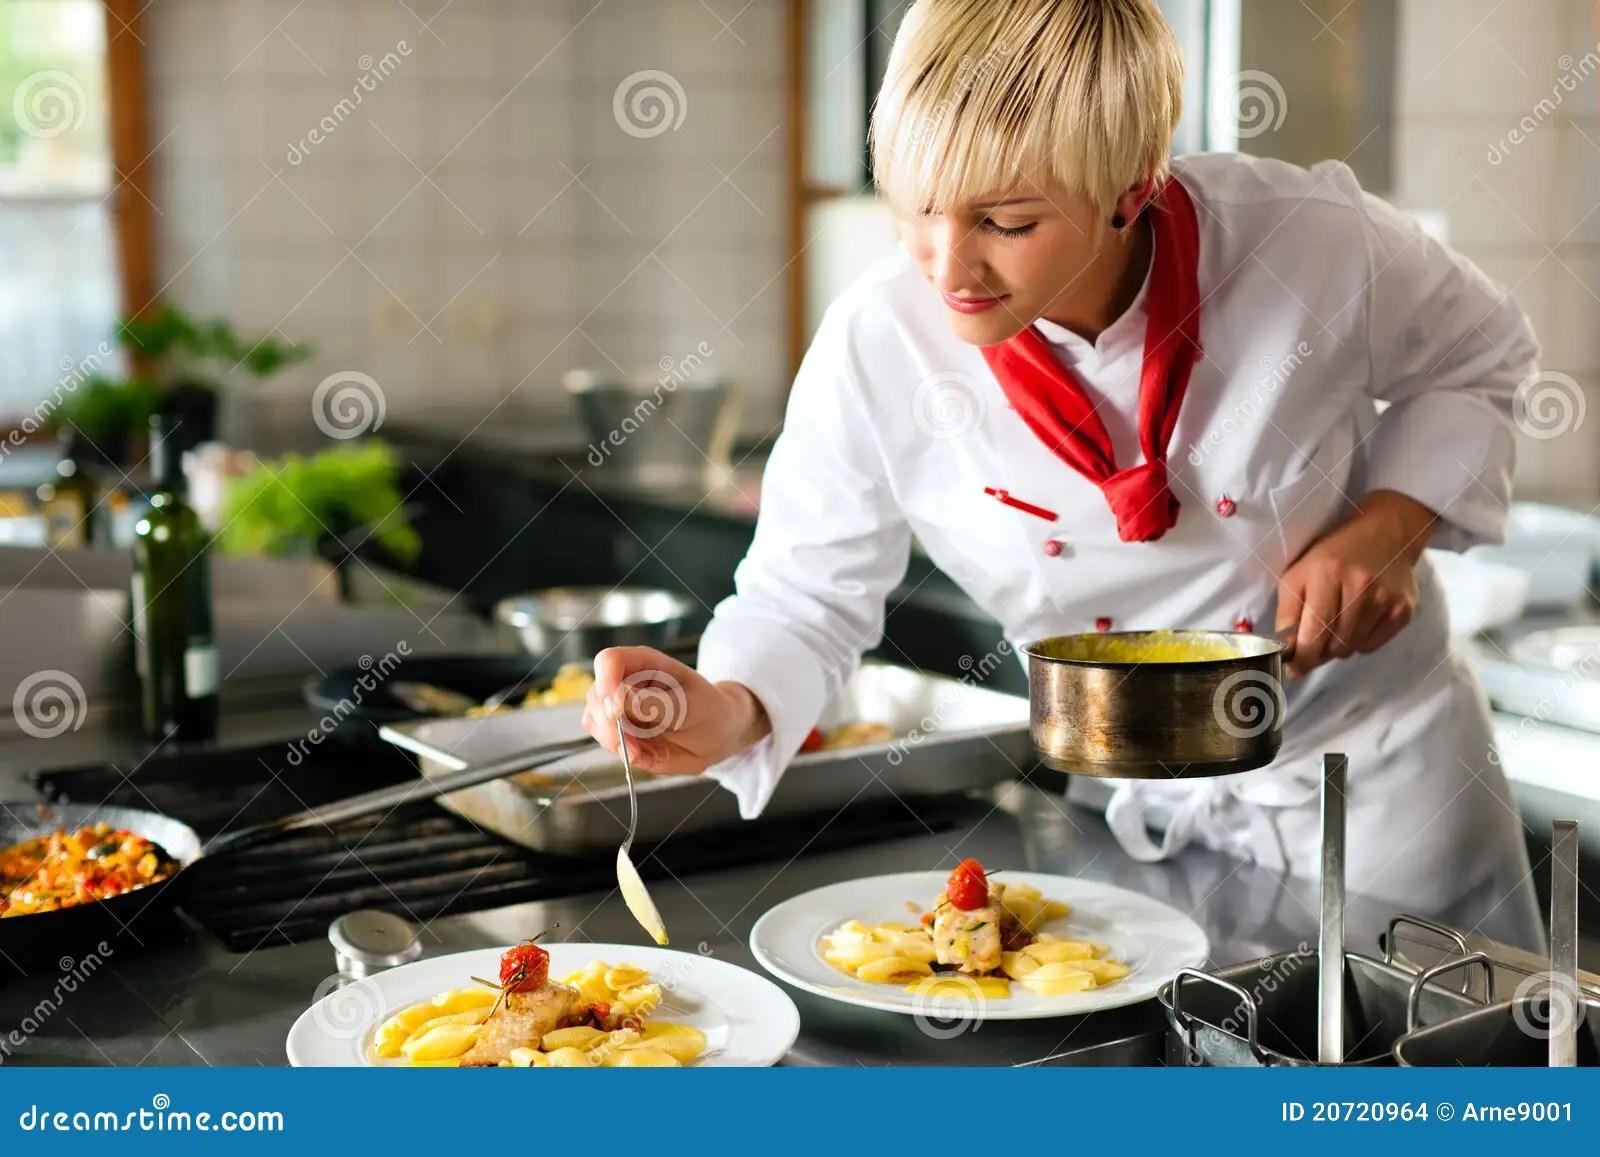 Cucinare Con Cooking Chef - Idee per la progettazione di ...